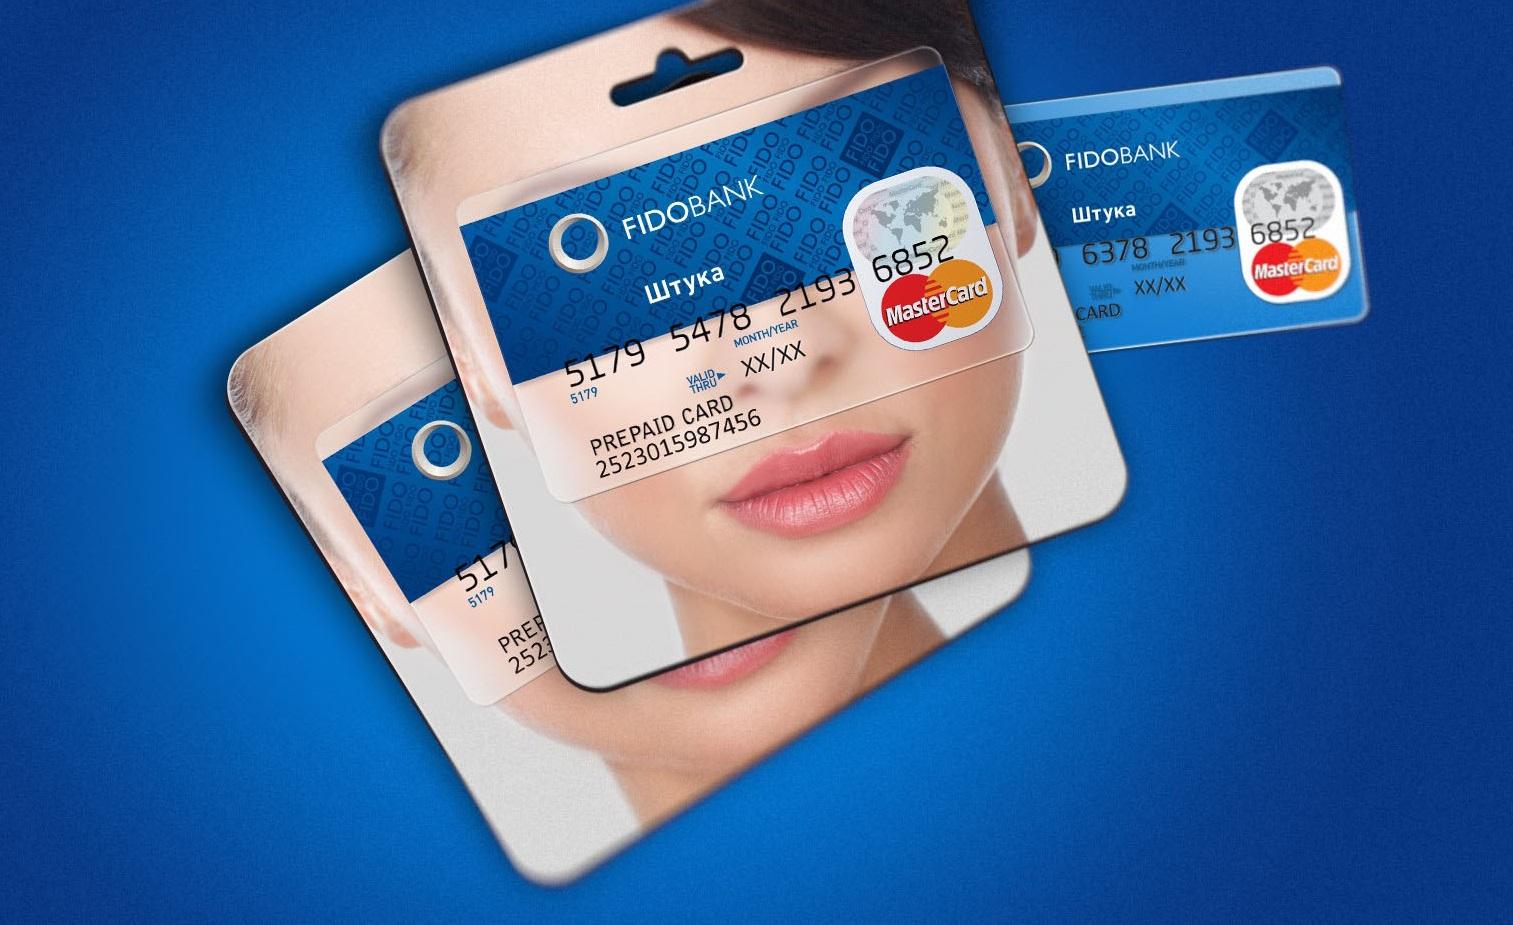 предоплаченная банковская карта без паспорта